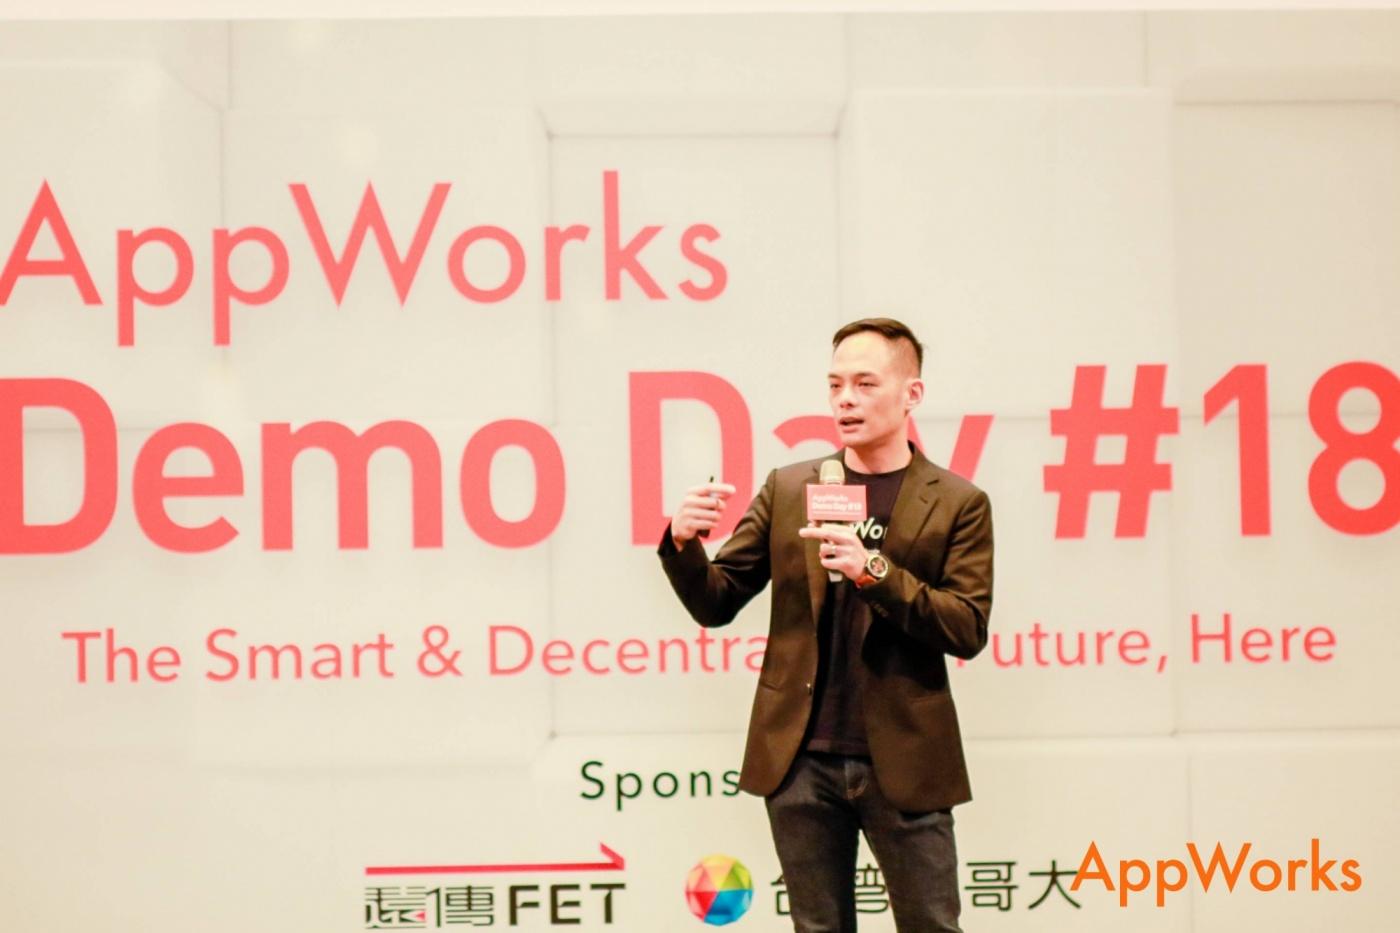 林之晨接台灣大總經理後,首場AppWorks #18有哪些潛力新創?